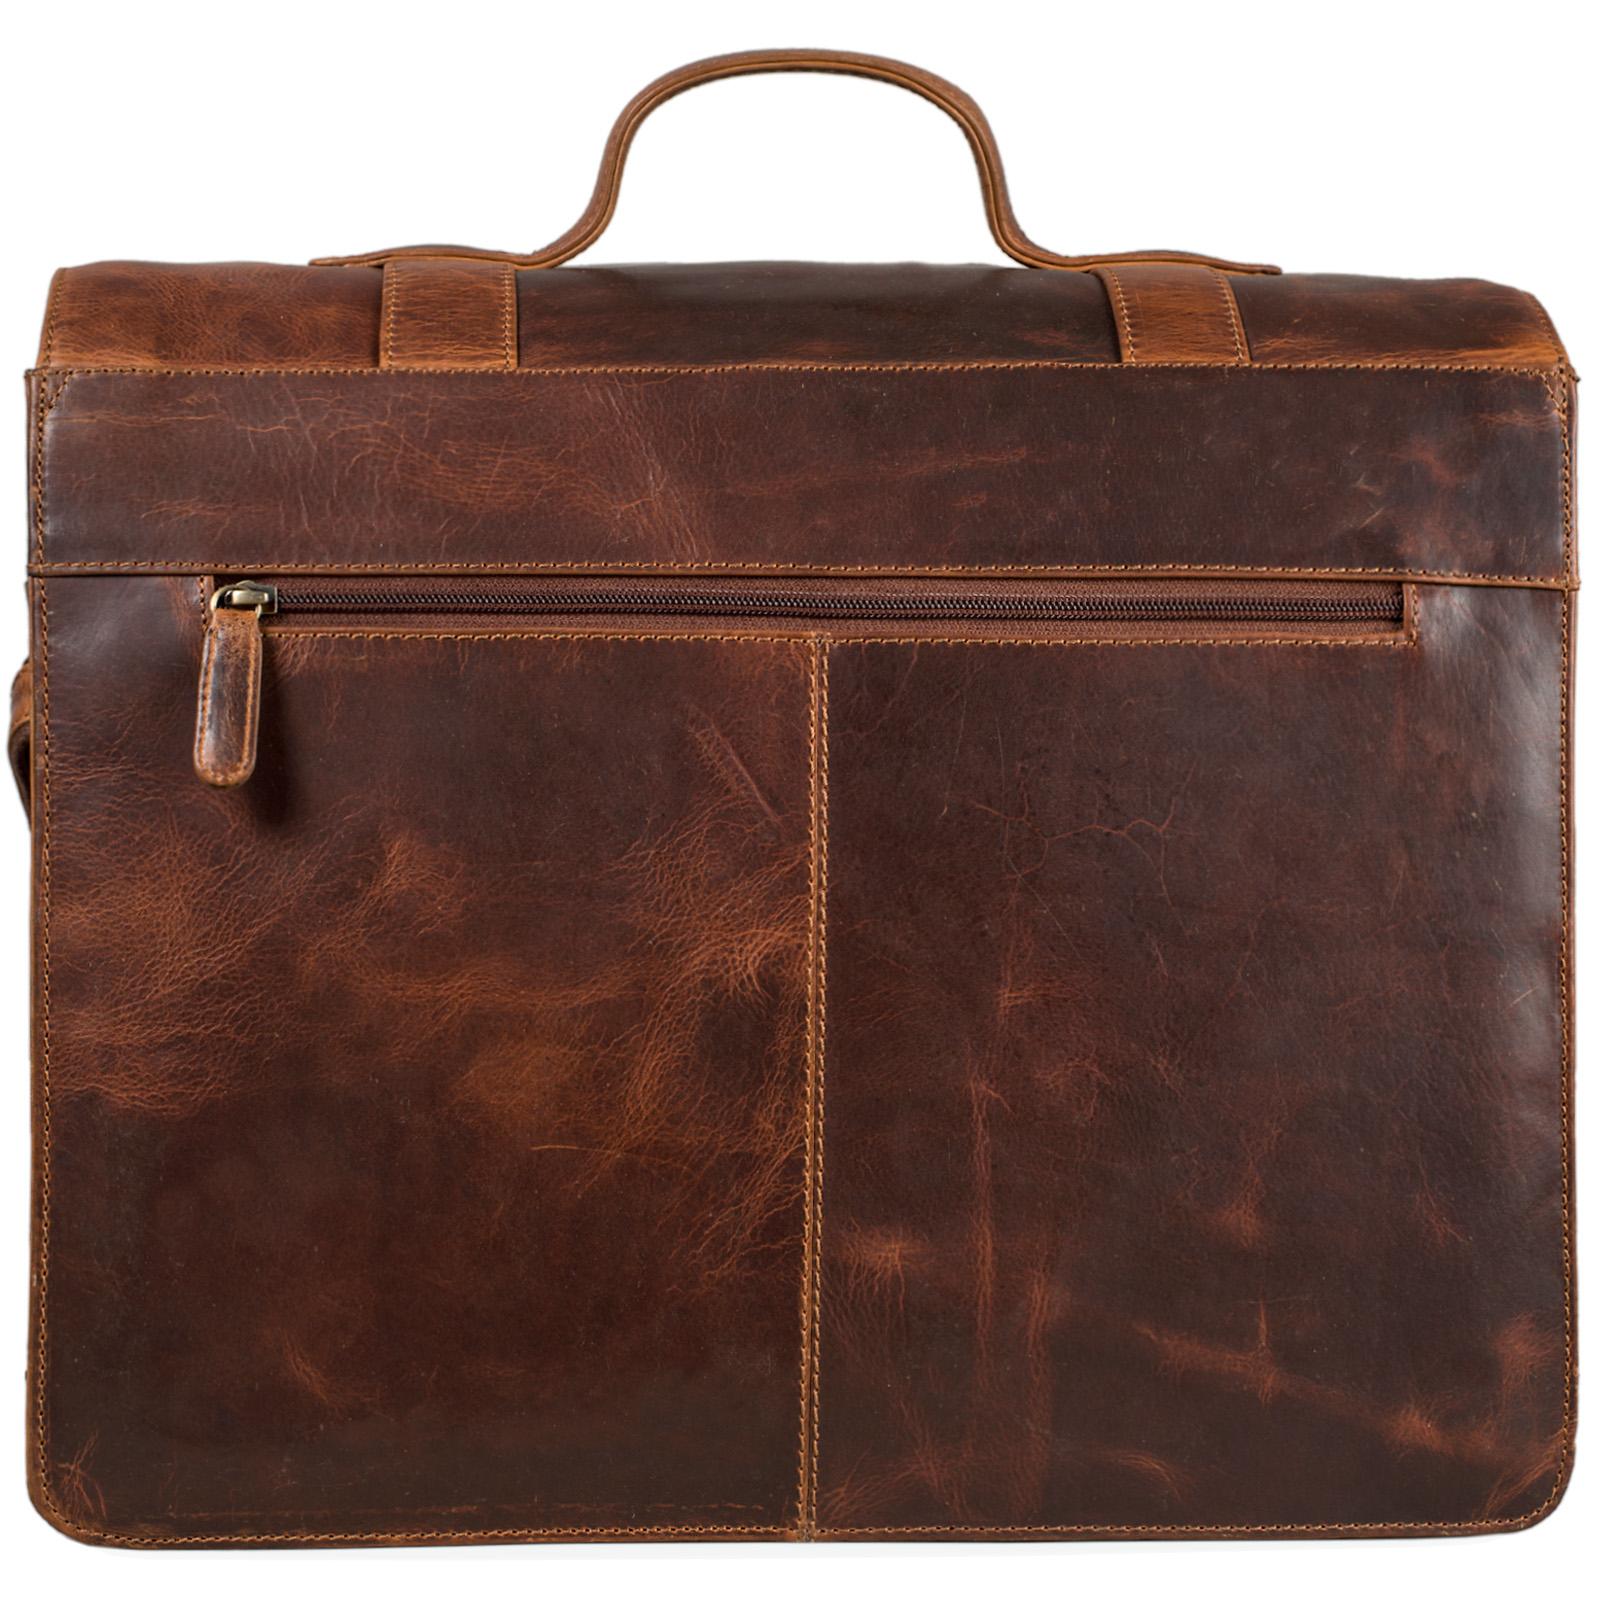 """STILORD """"Marius"""" Klassische Lehrertasche Leder Schultasche XL groß Aktentasche zum Umhängen Businesstasche Laptoptasche echtes Rindsleder  - Bild 12"""